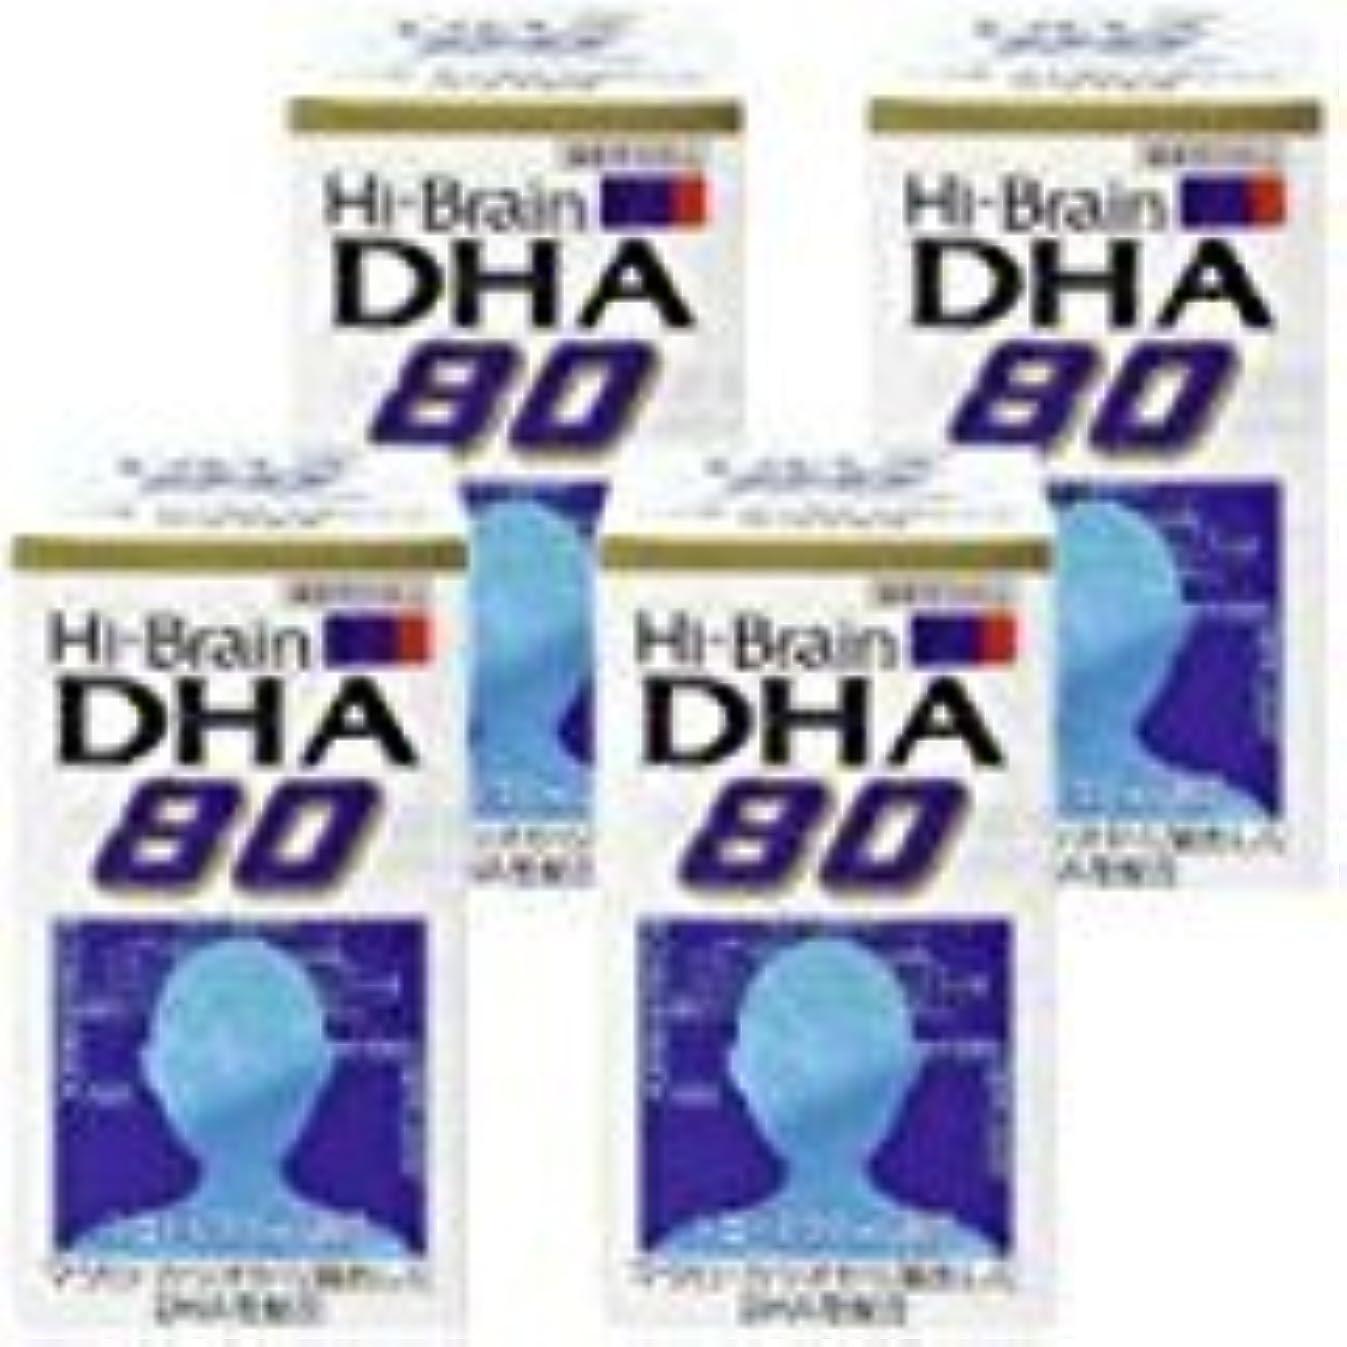 暫定の残り変動するハイブレーンDHA80 4個